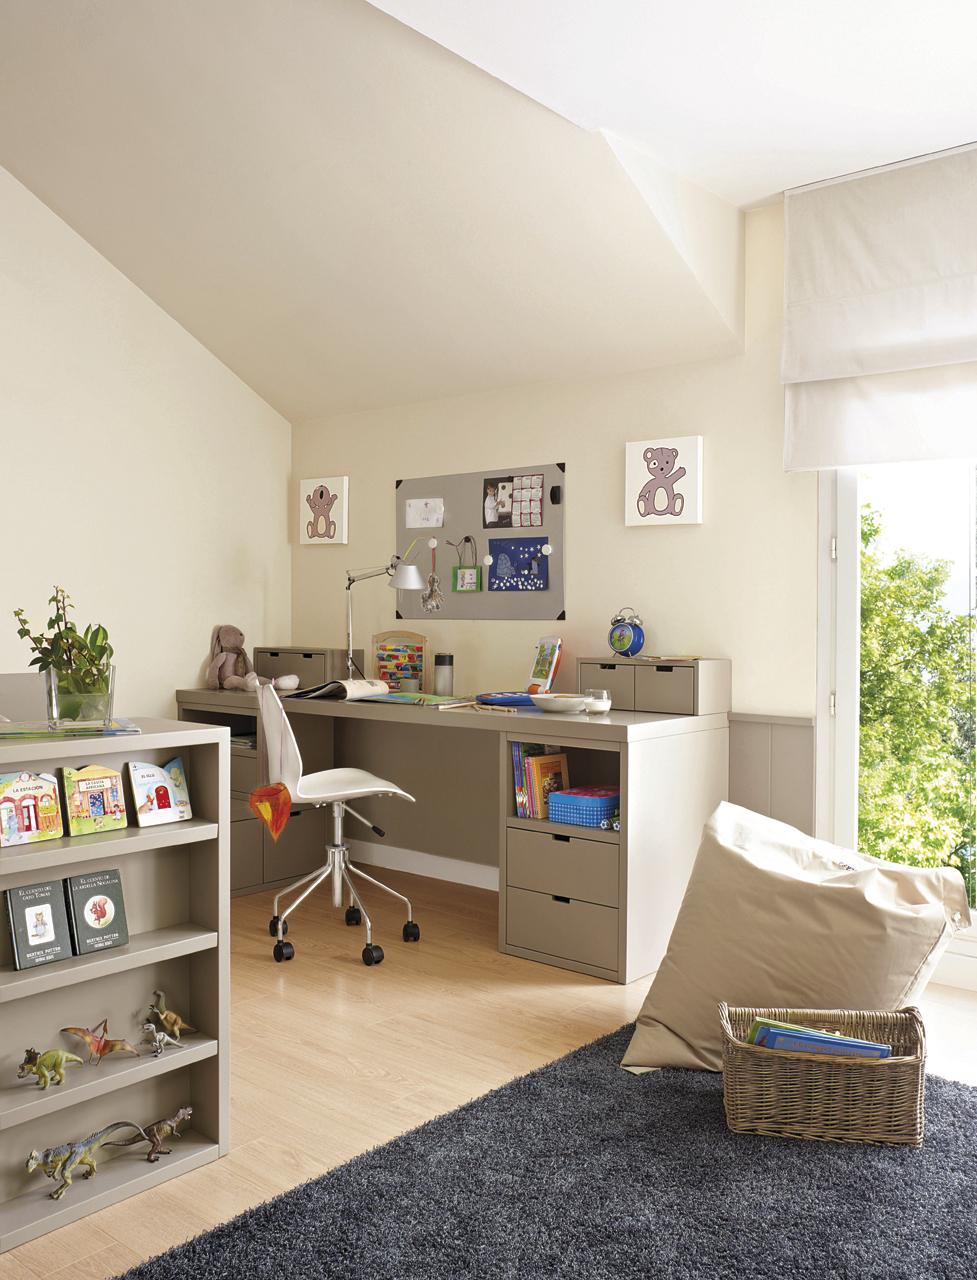 15 habitaciones para estudiar - Habitacion estudio decoracion ...